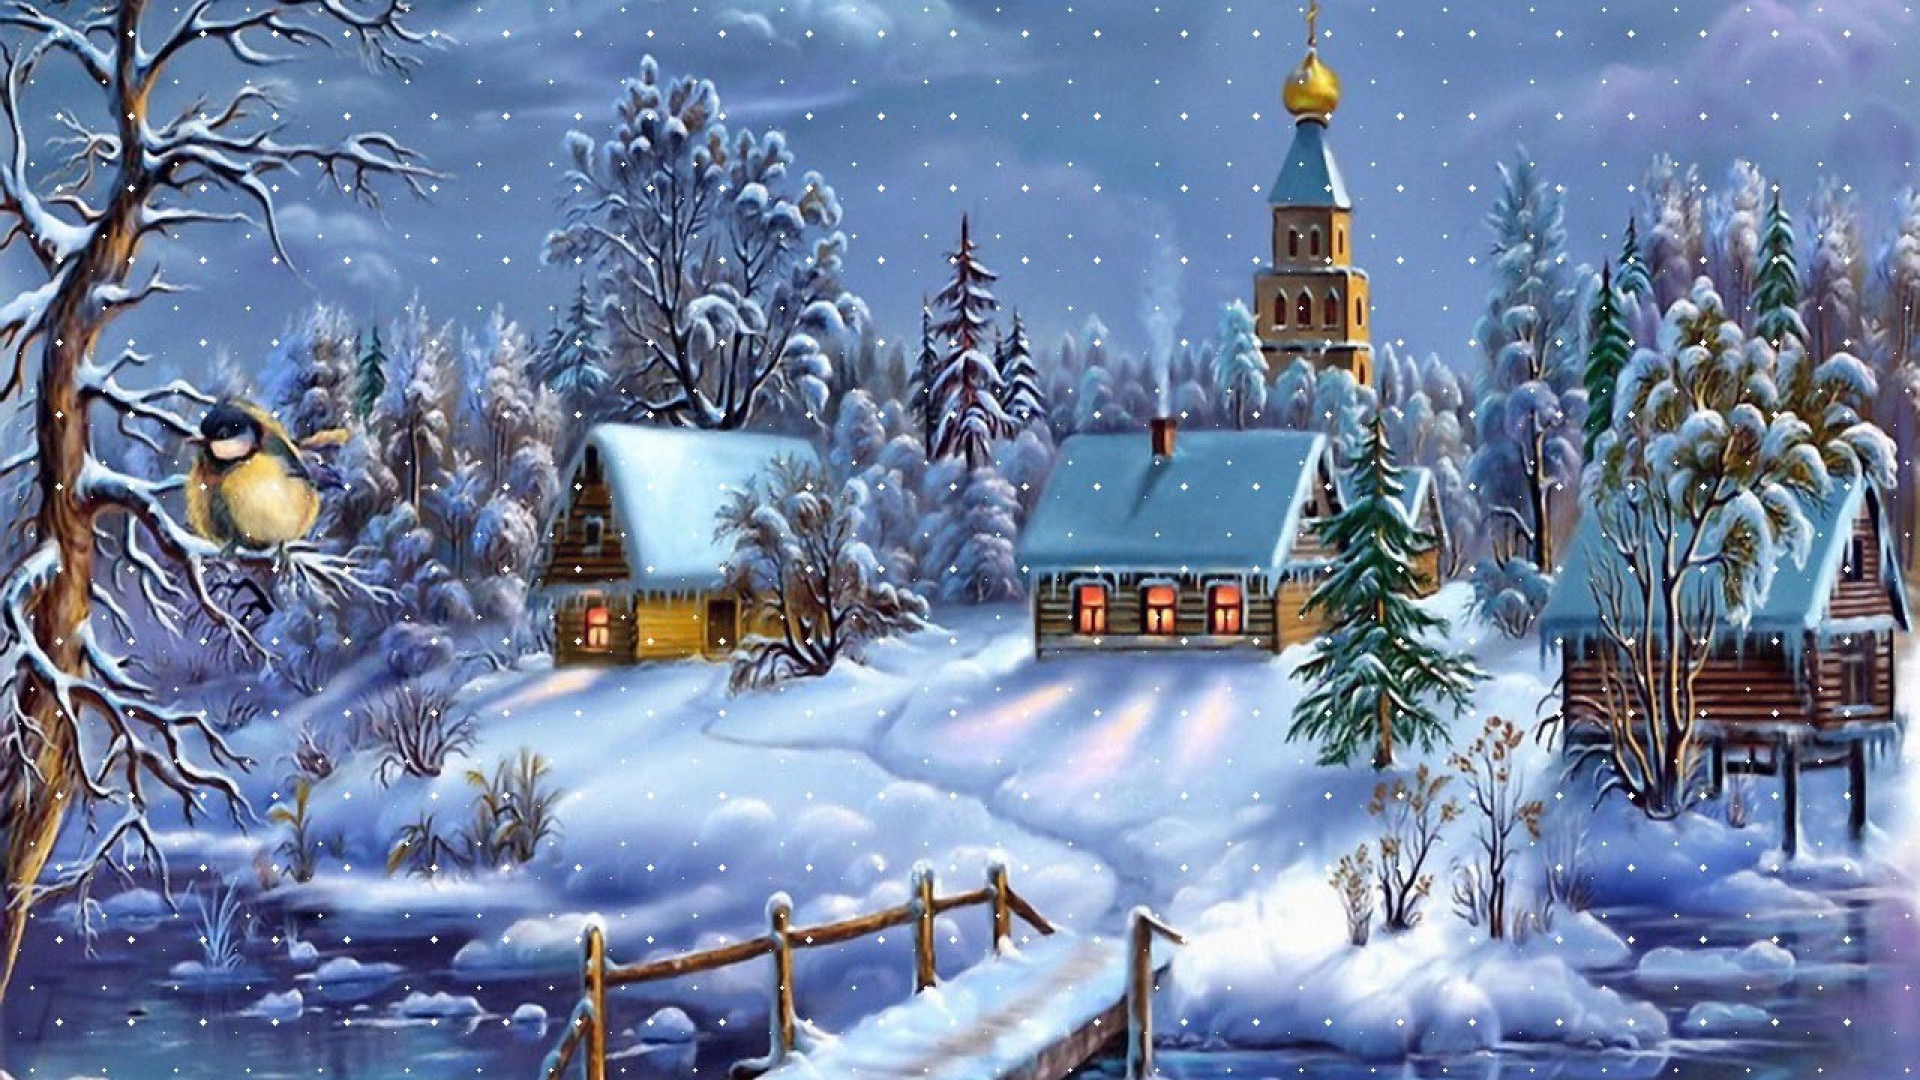 Bộ Sưu Tập Ảnh Giáng Sinh - Page 4 051can